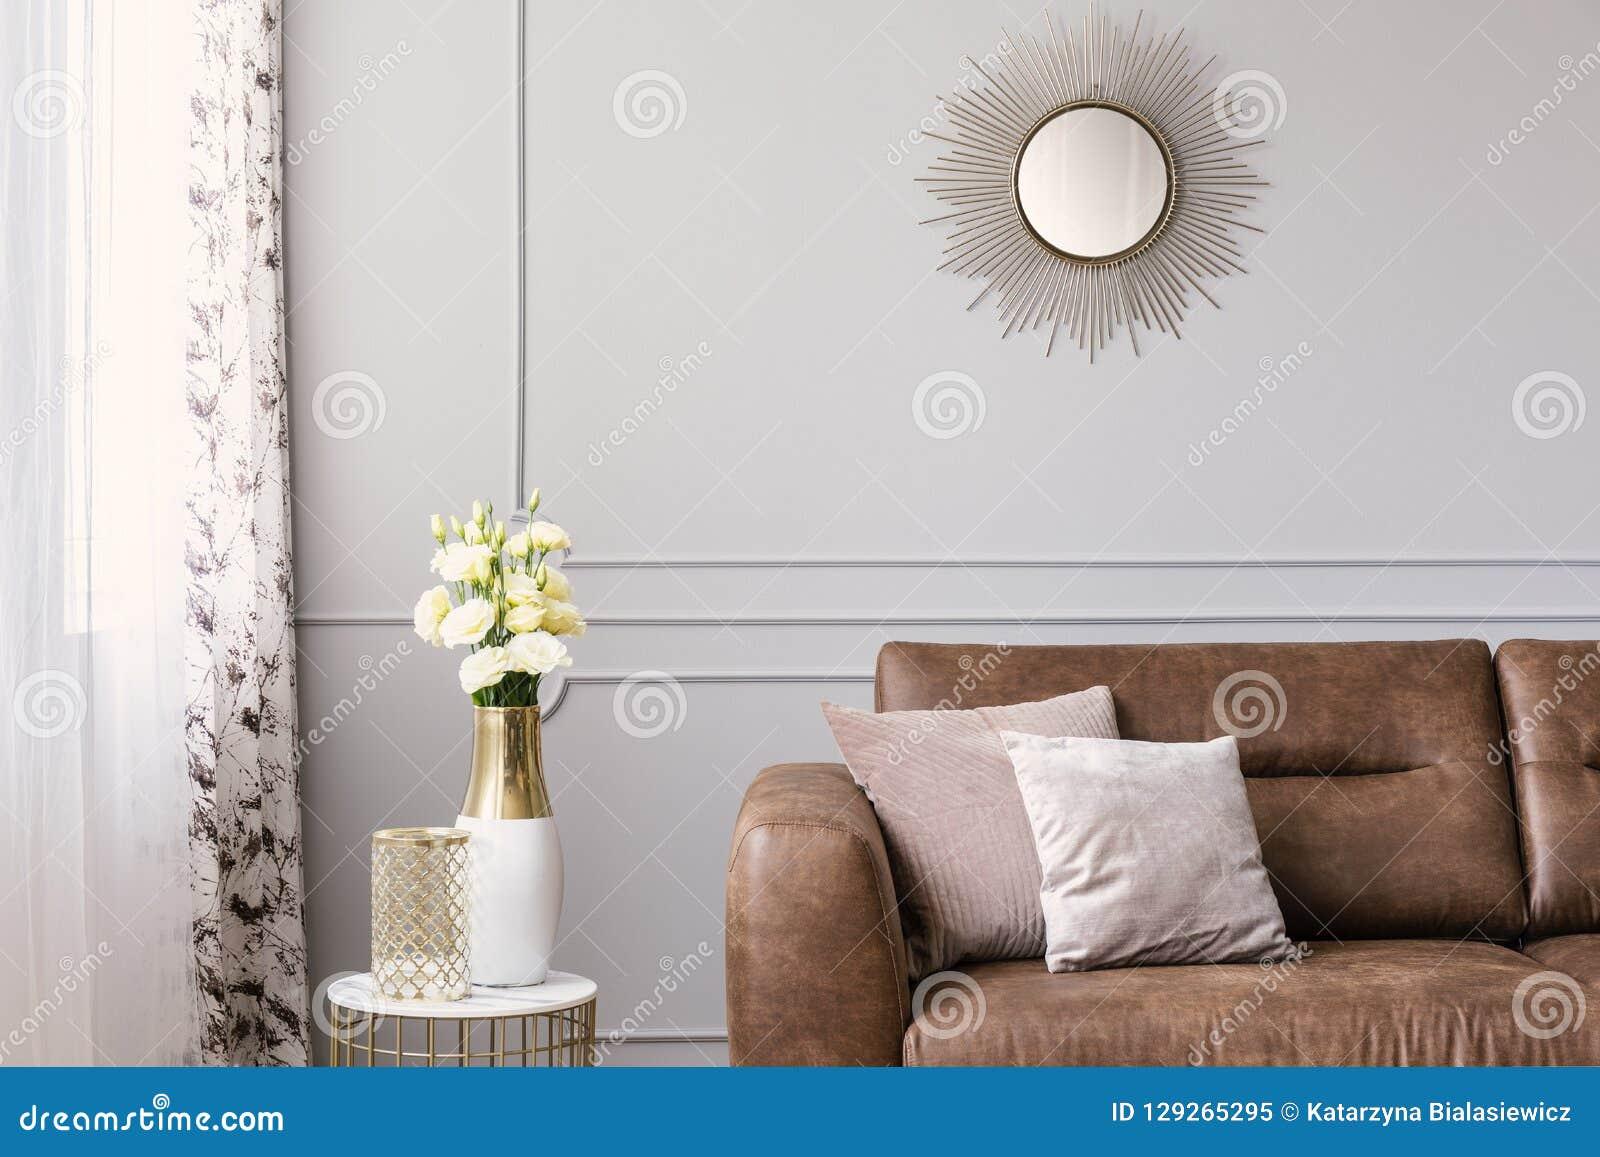 Zon zoals gevormde spiegel boven leerbank met hoofdkussens in grijze elegante woonkamer